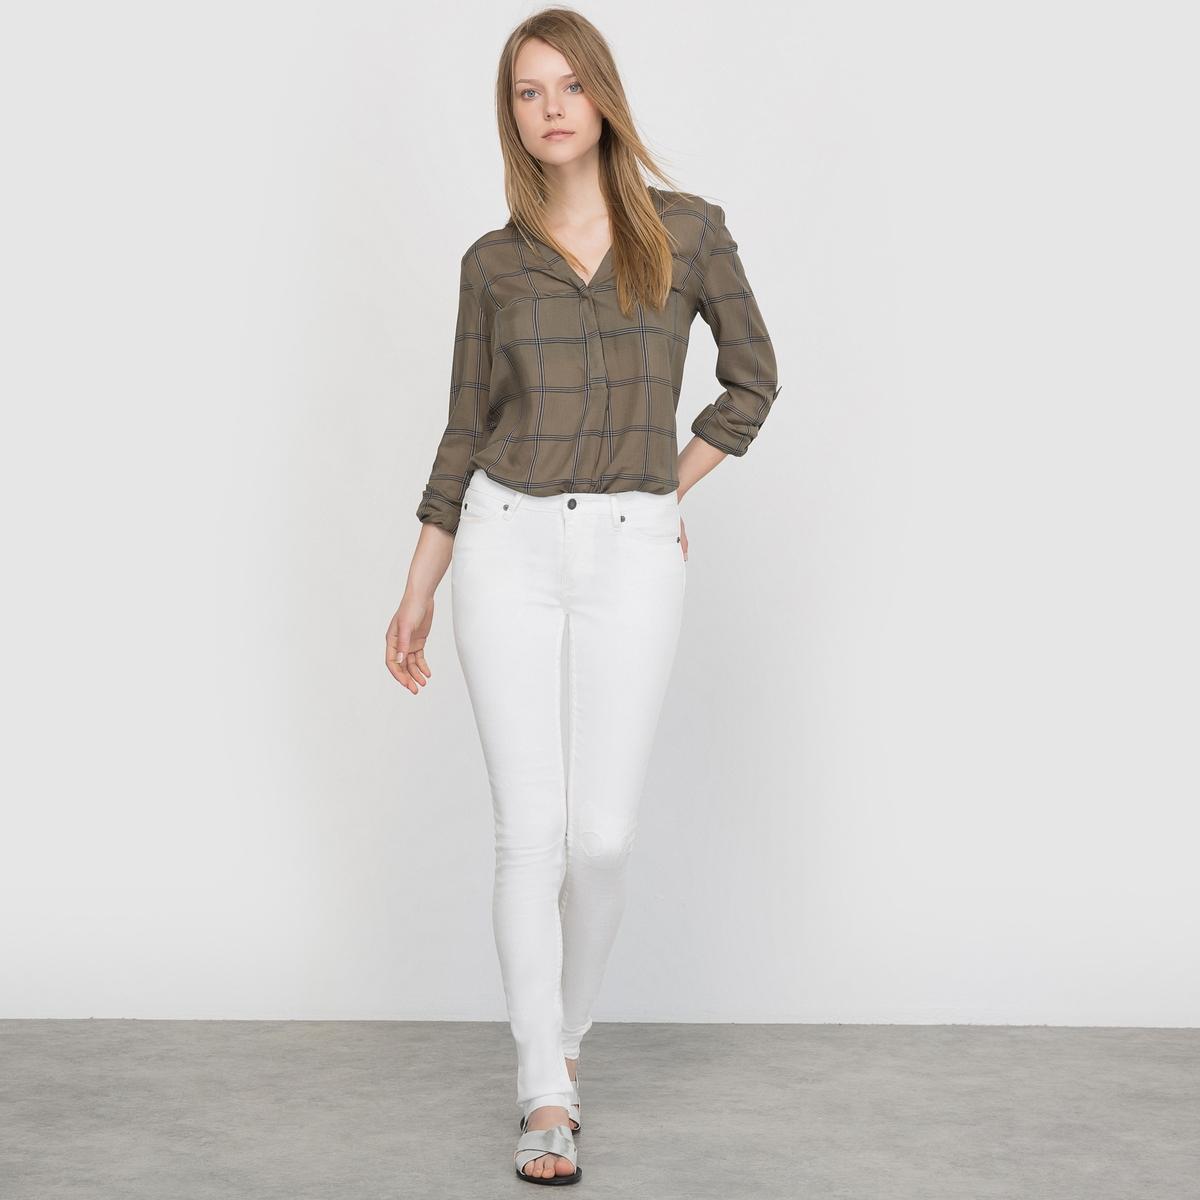 Джинсы скинни, длина 32 джинсы женские cheap monday 688 washed black slim